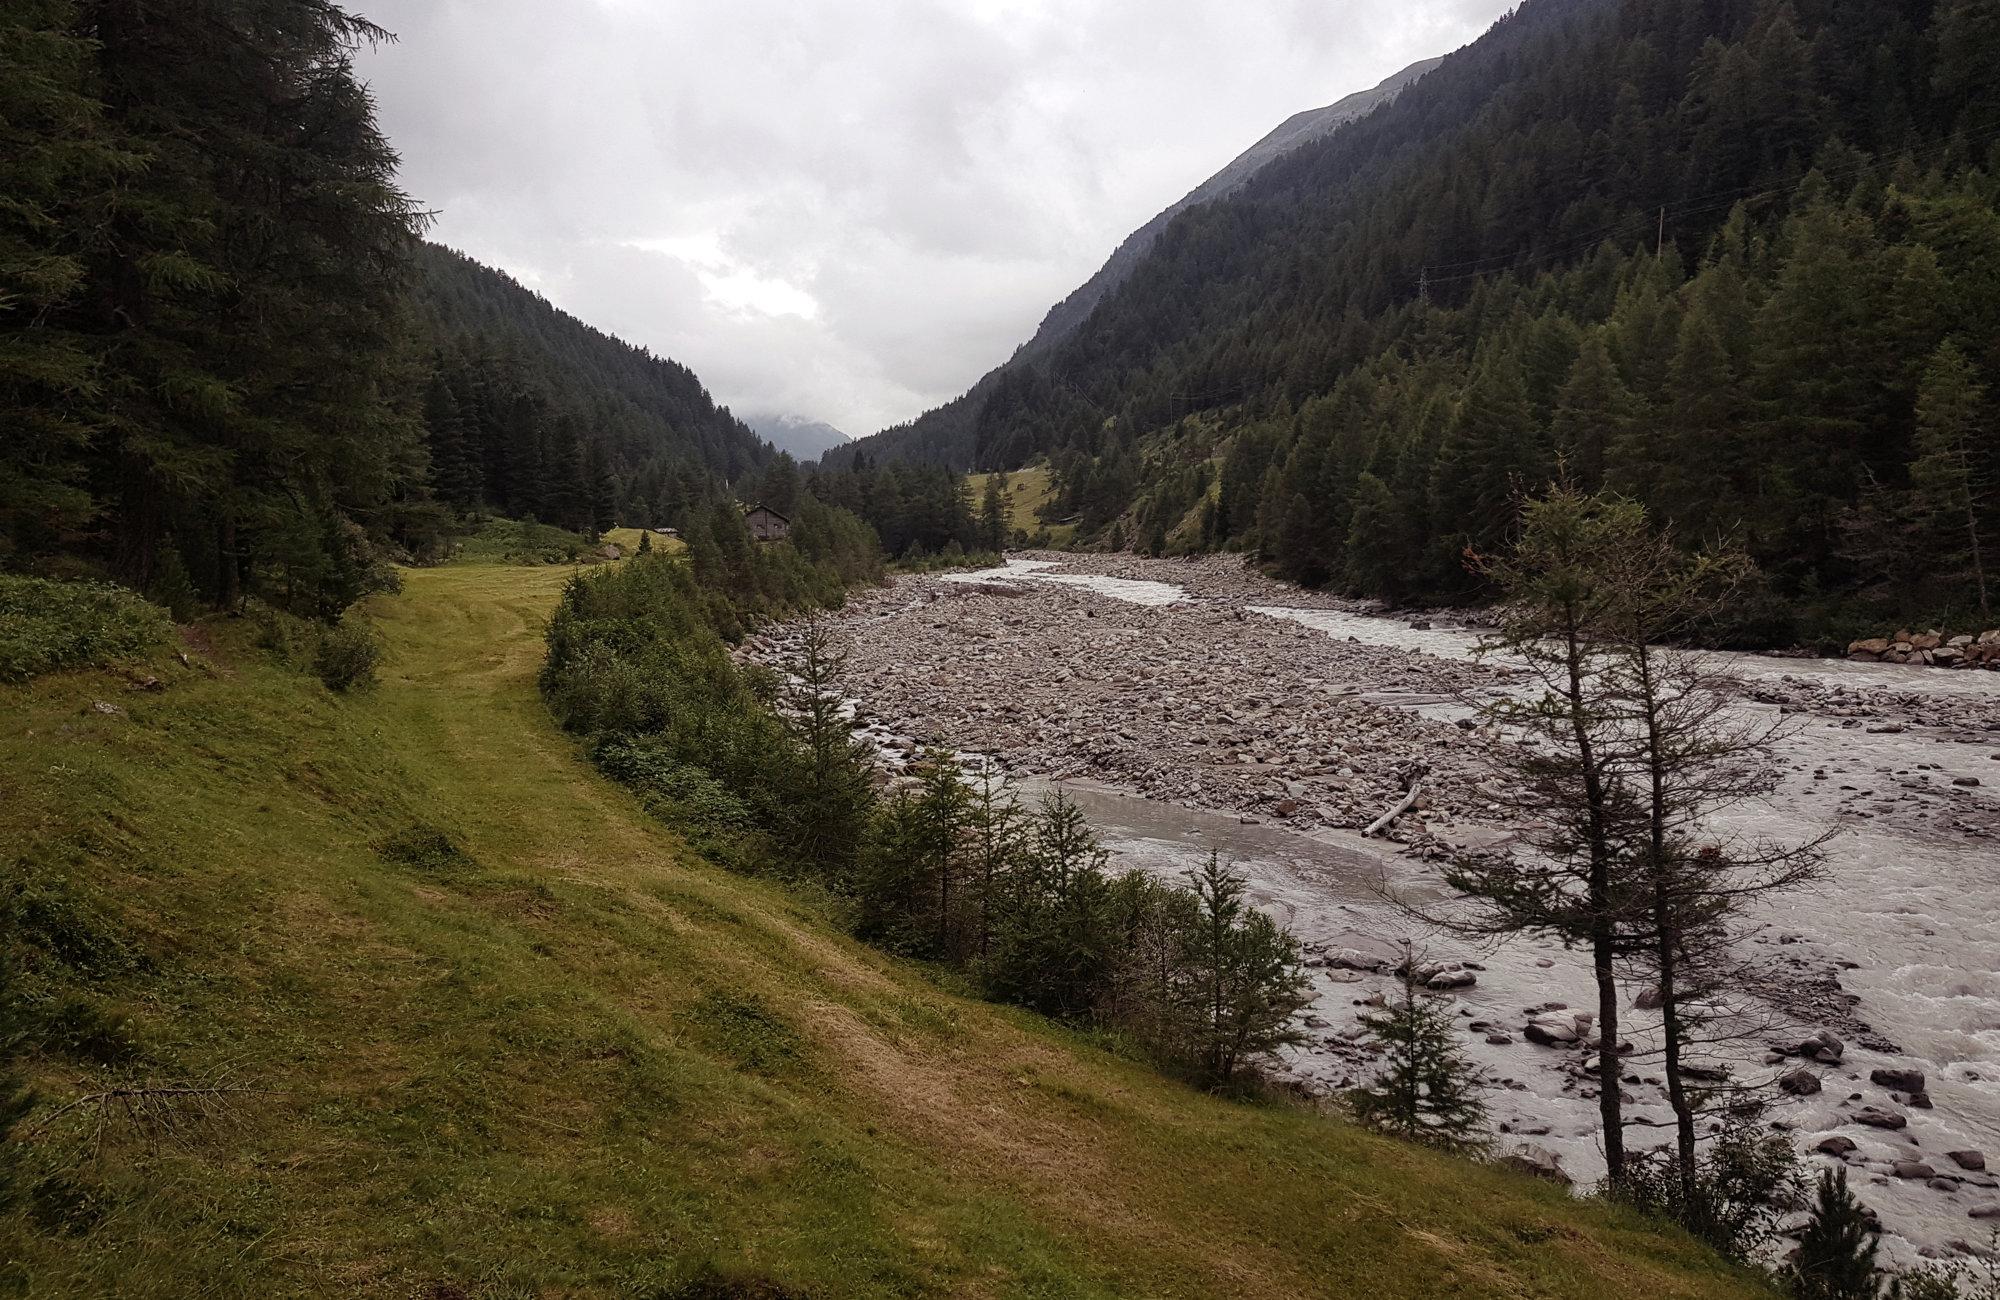 Gurgler Ache, Wandern Ötztaler Urweg, Wandern im Ötztal, Trekking im Ötztal, Ötztaler Alpen, Tirol, Genusswanderung, Regenwanderung